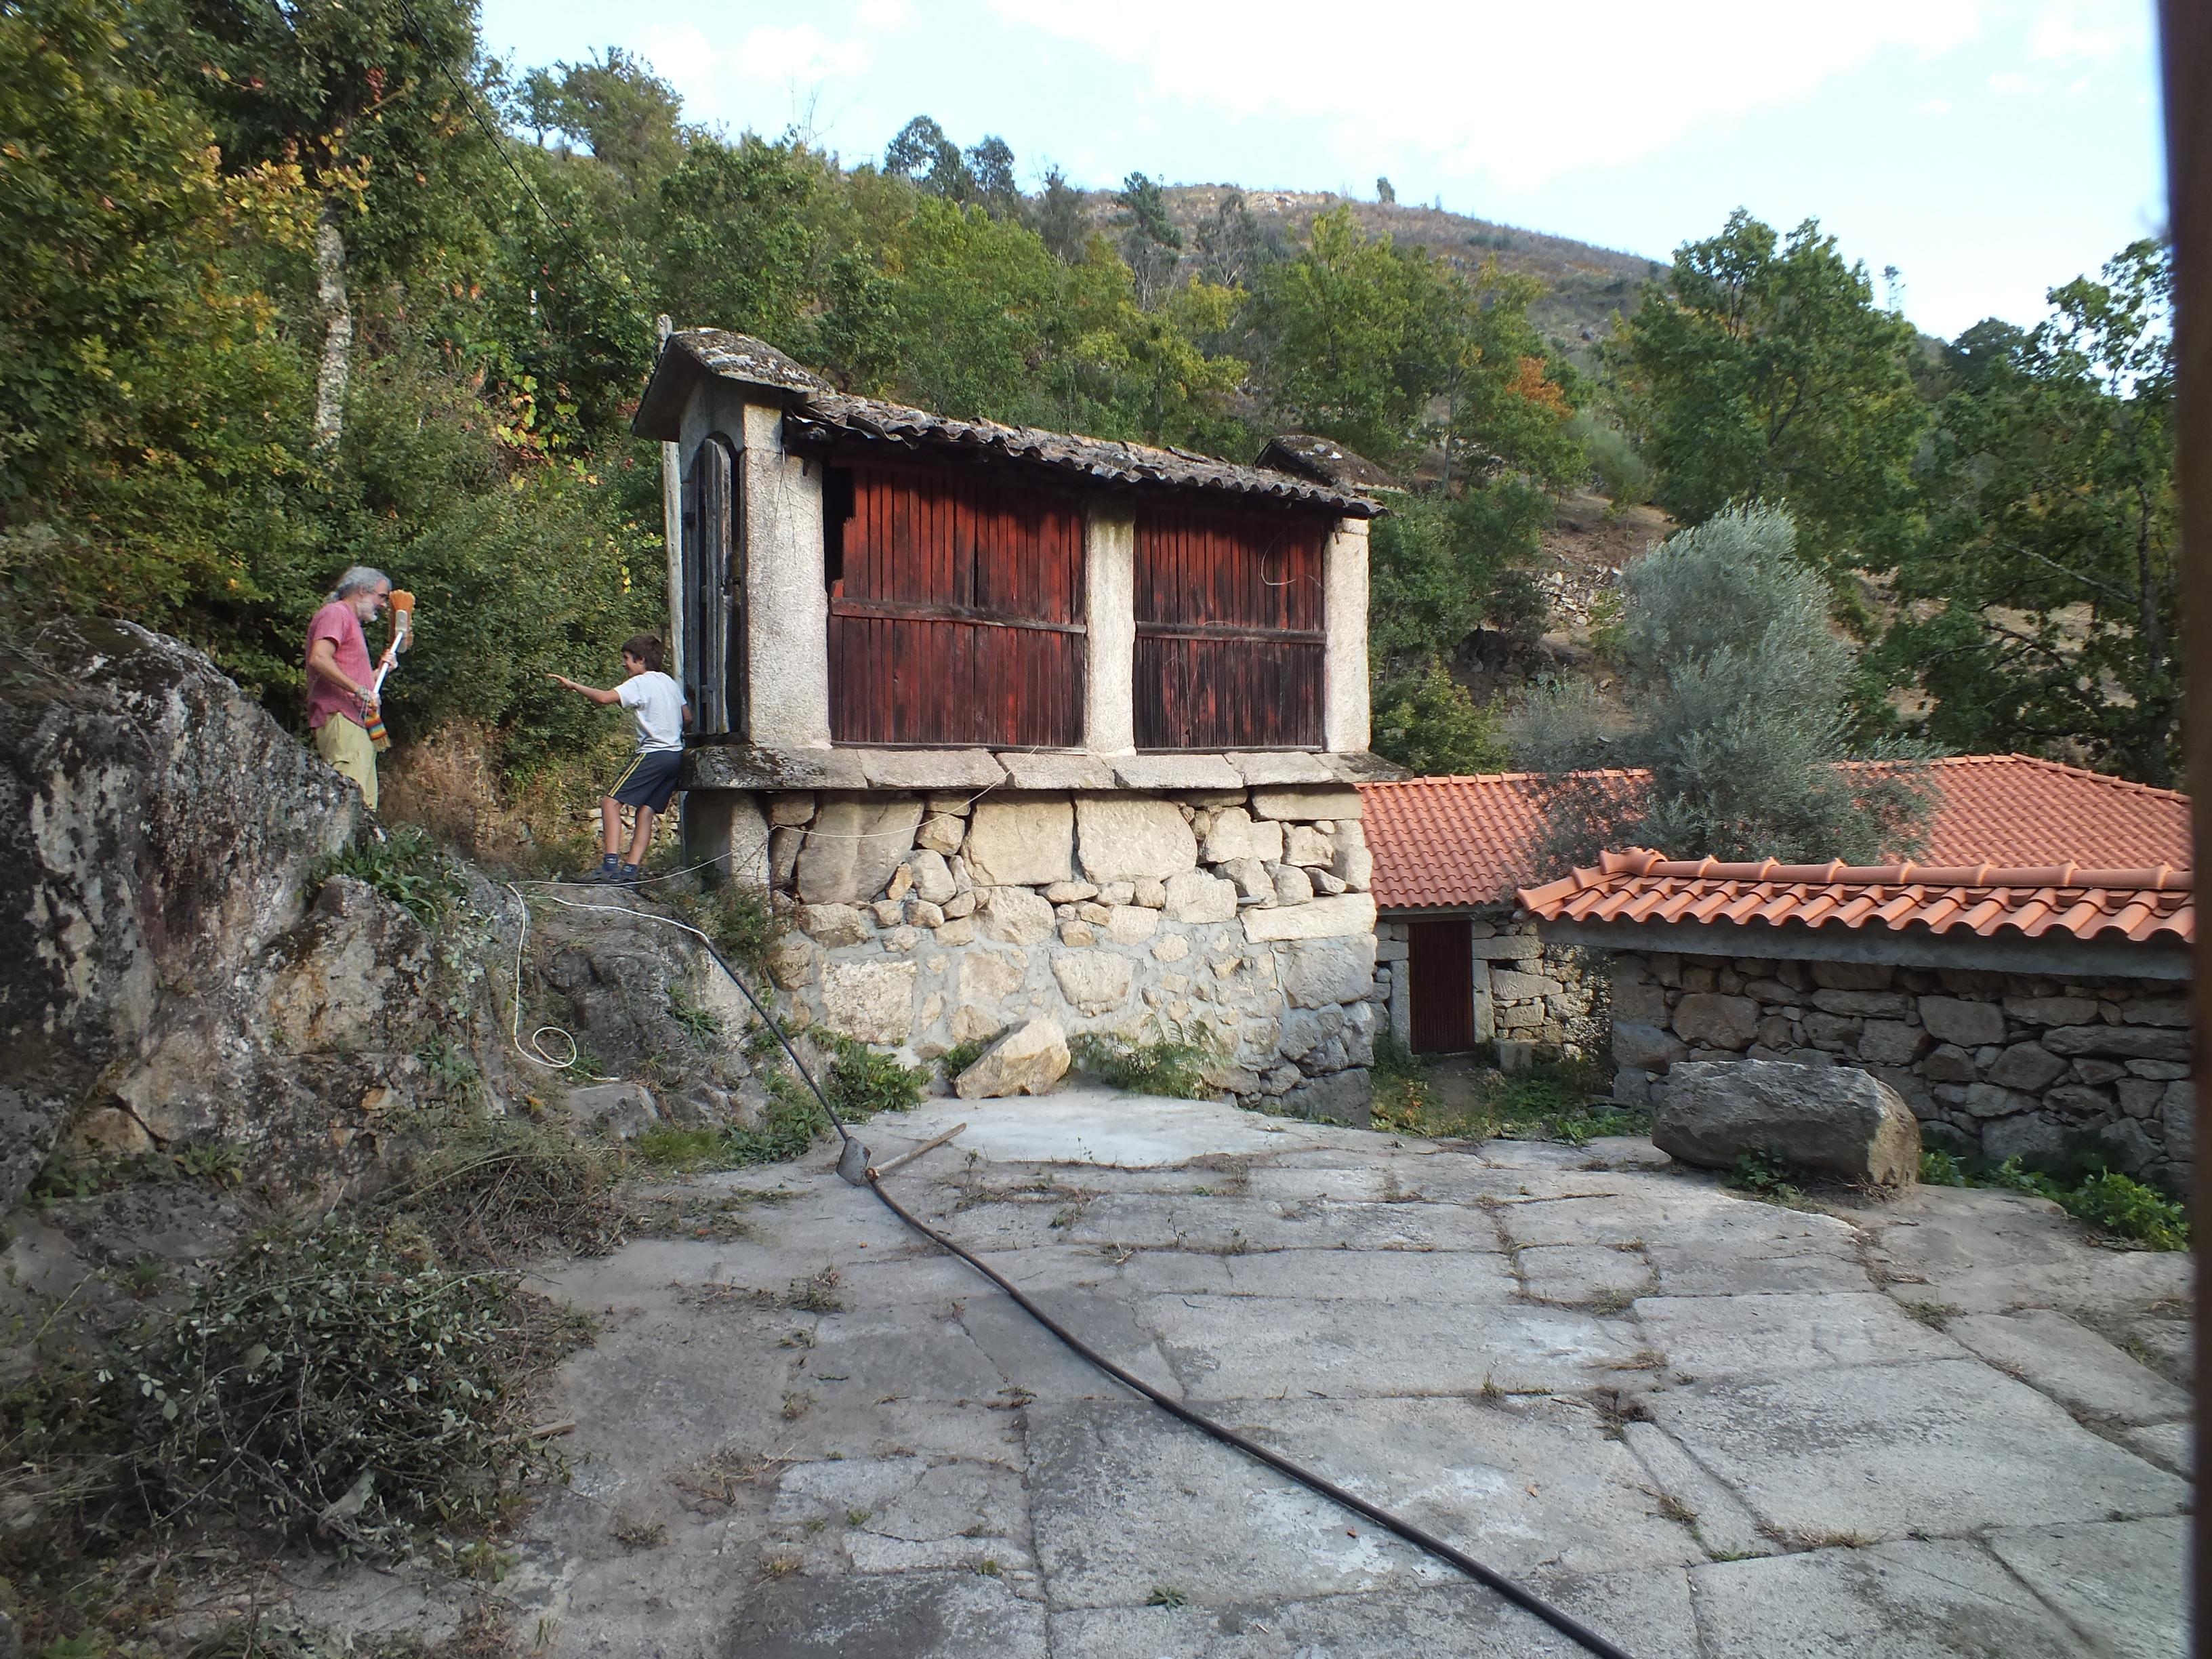 La ecoaldea situada en el norte de Portugal